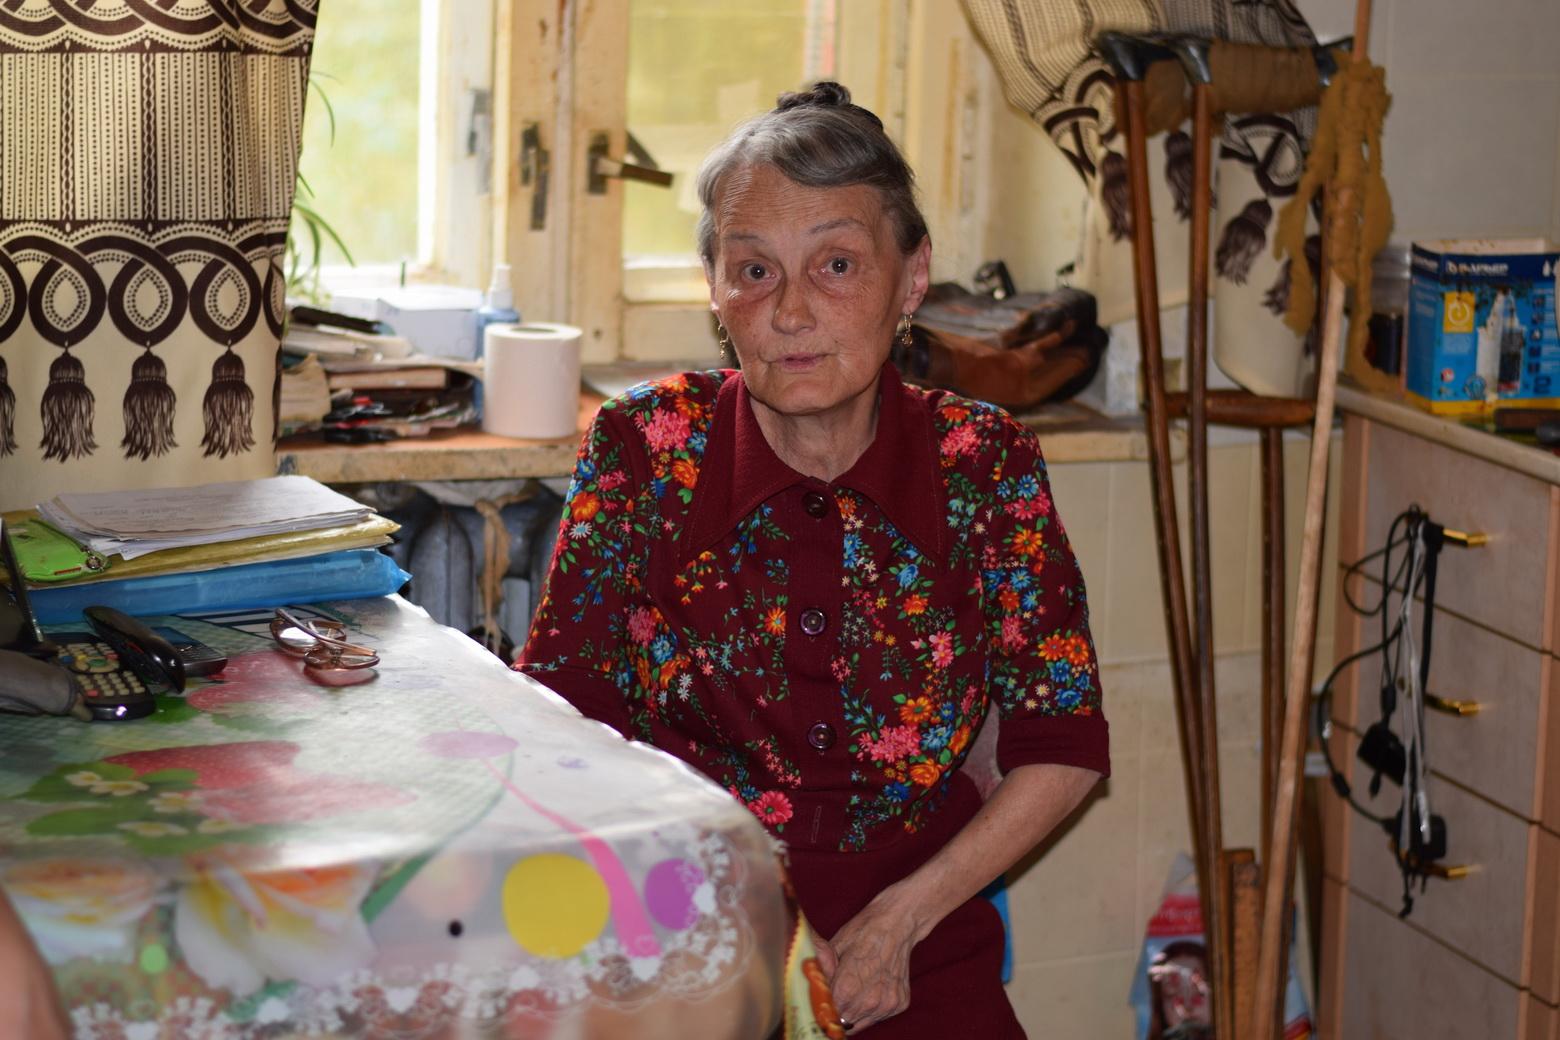 Запертая в одиночестве: в Вологде пенсионерке не выдают кресло-коляску для выхода на улицу